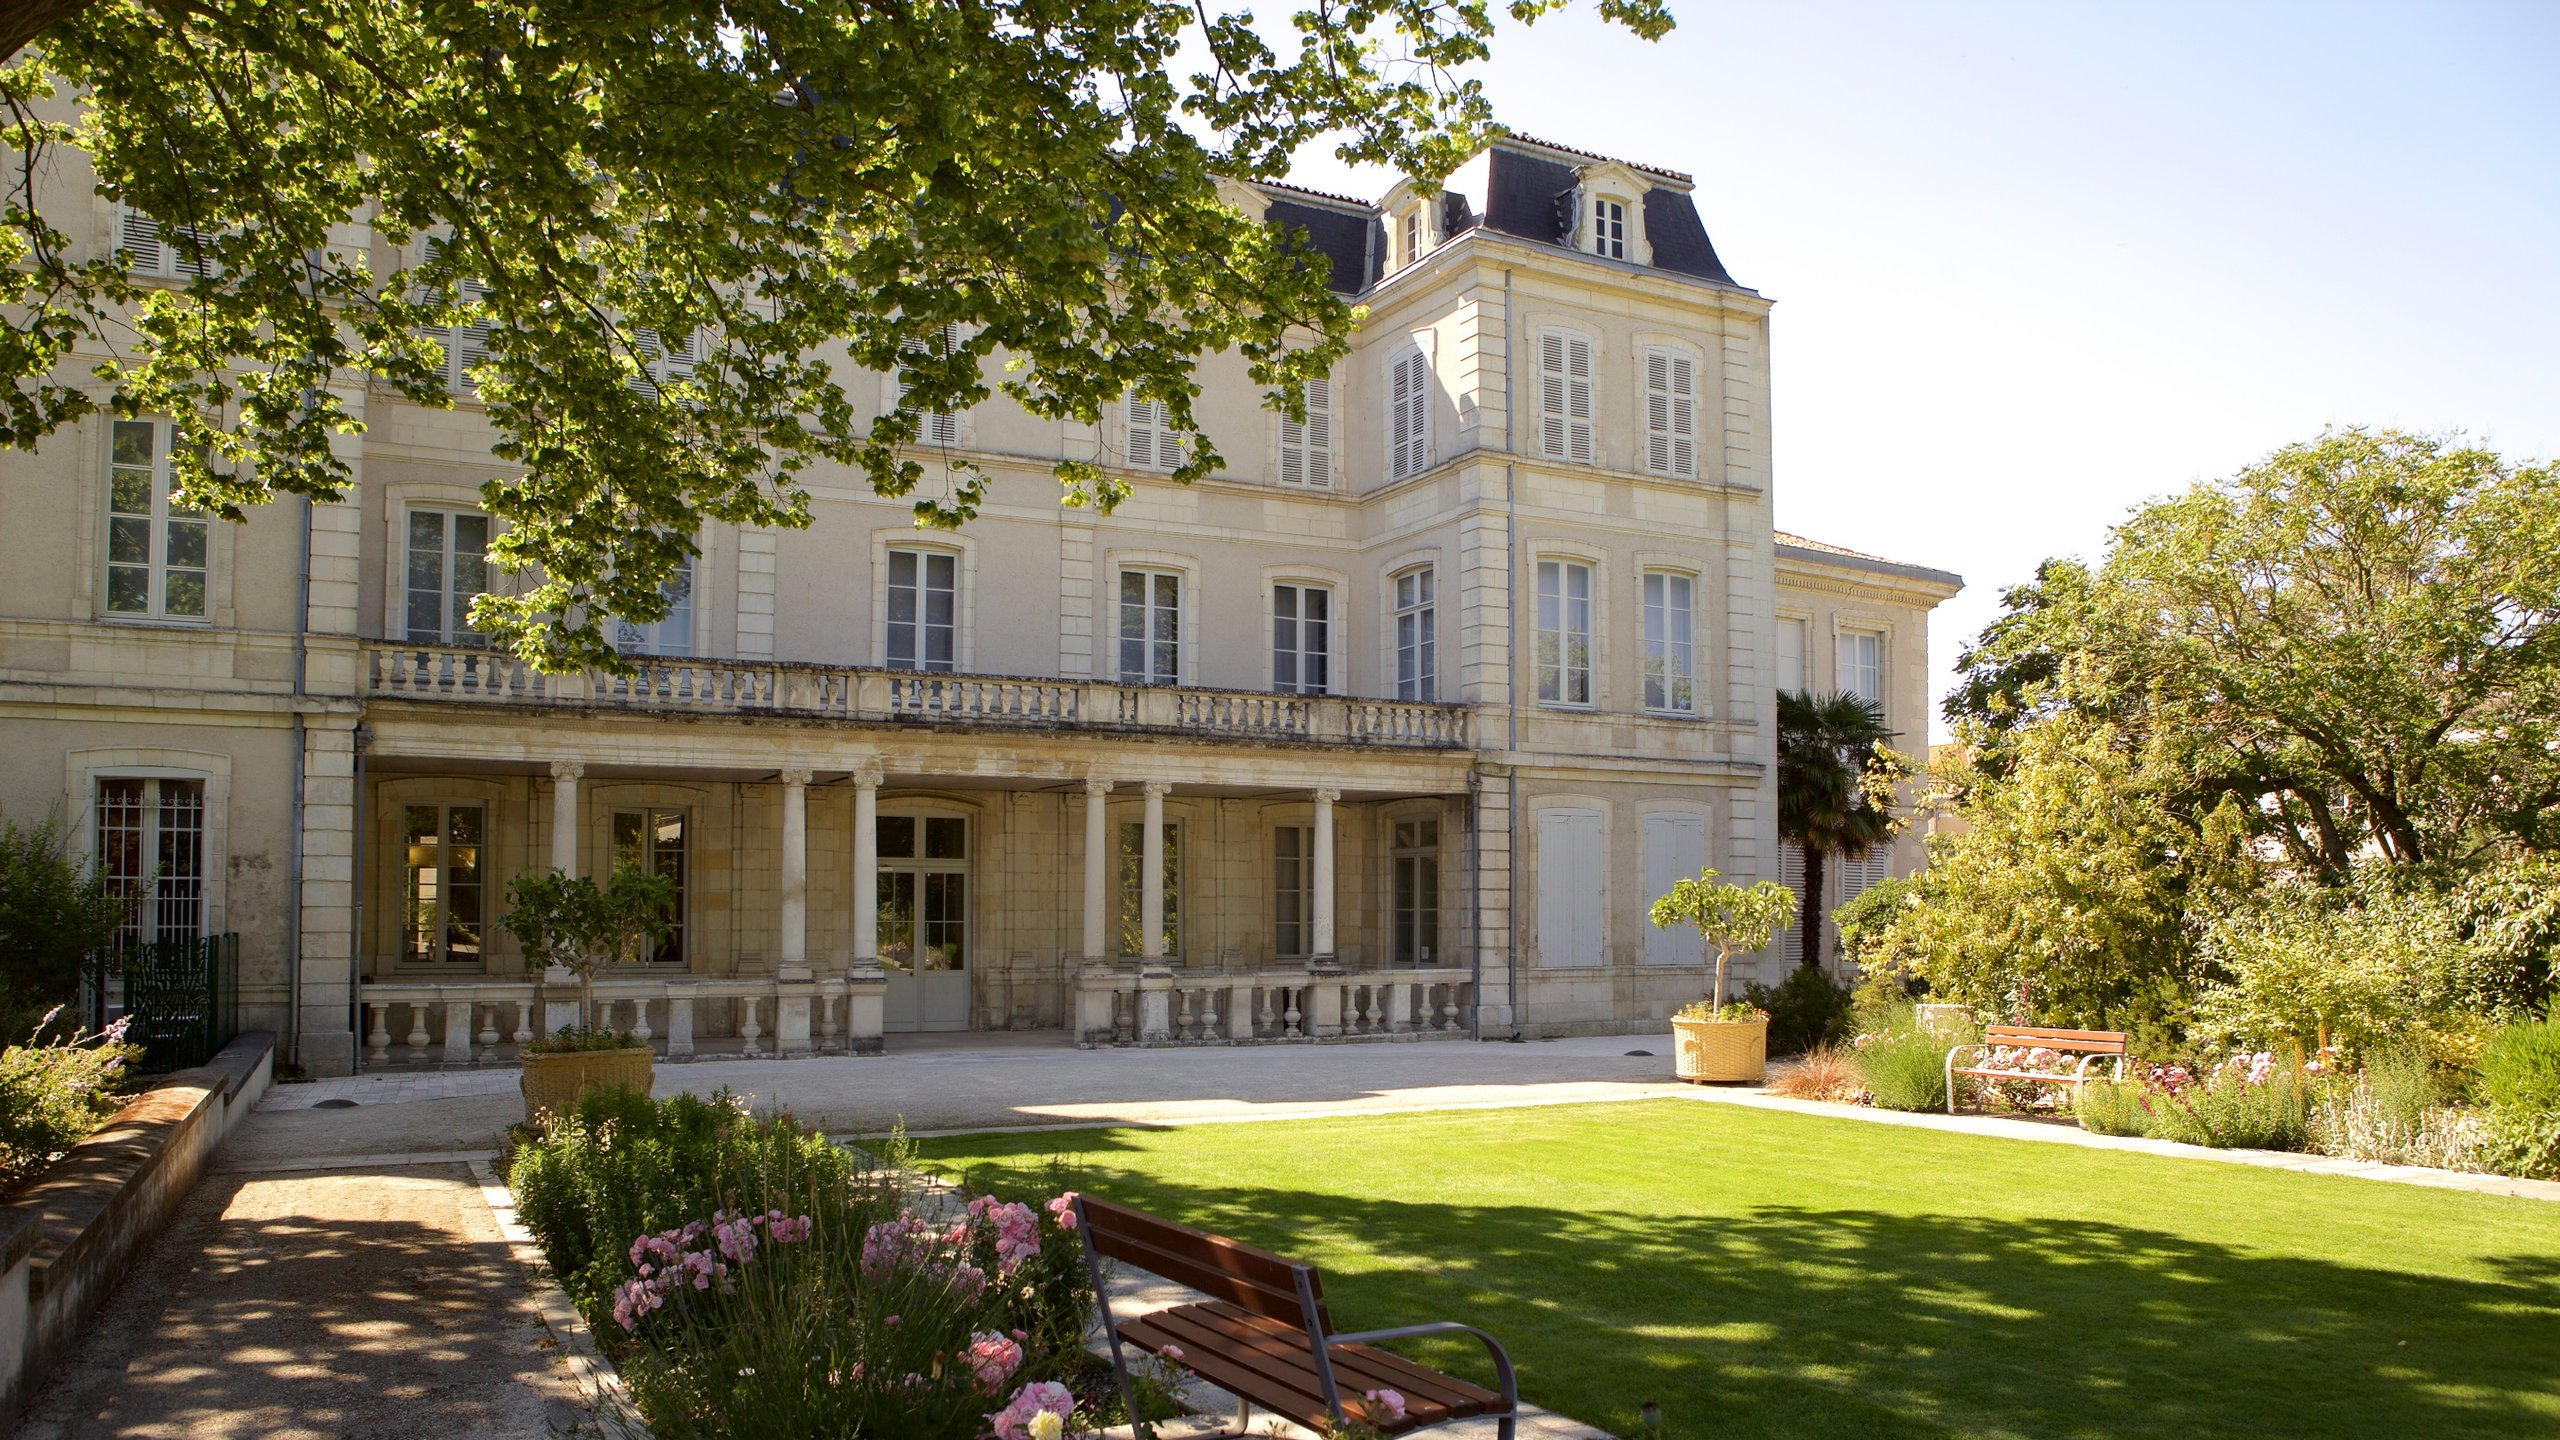 Stadscentrum van La Rochelle, La Rochelle, Charente-Maritime (departement), Frankrijk